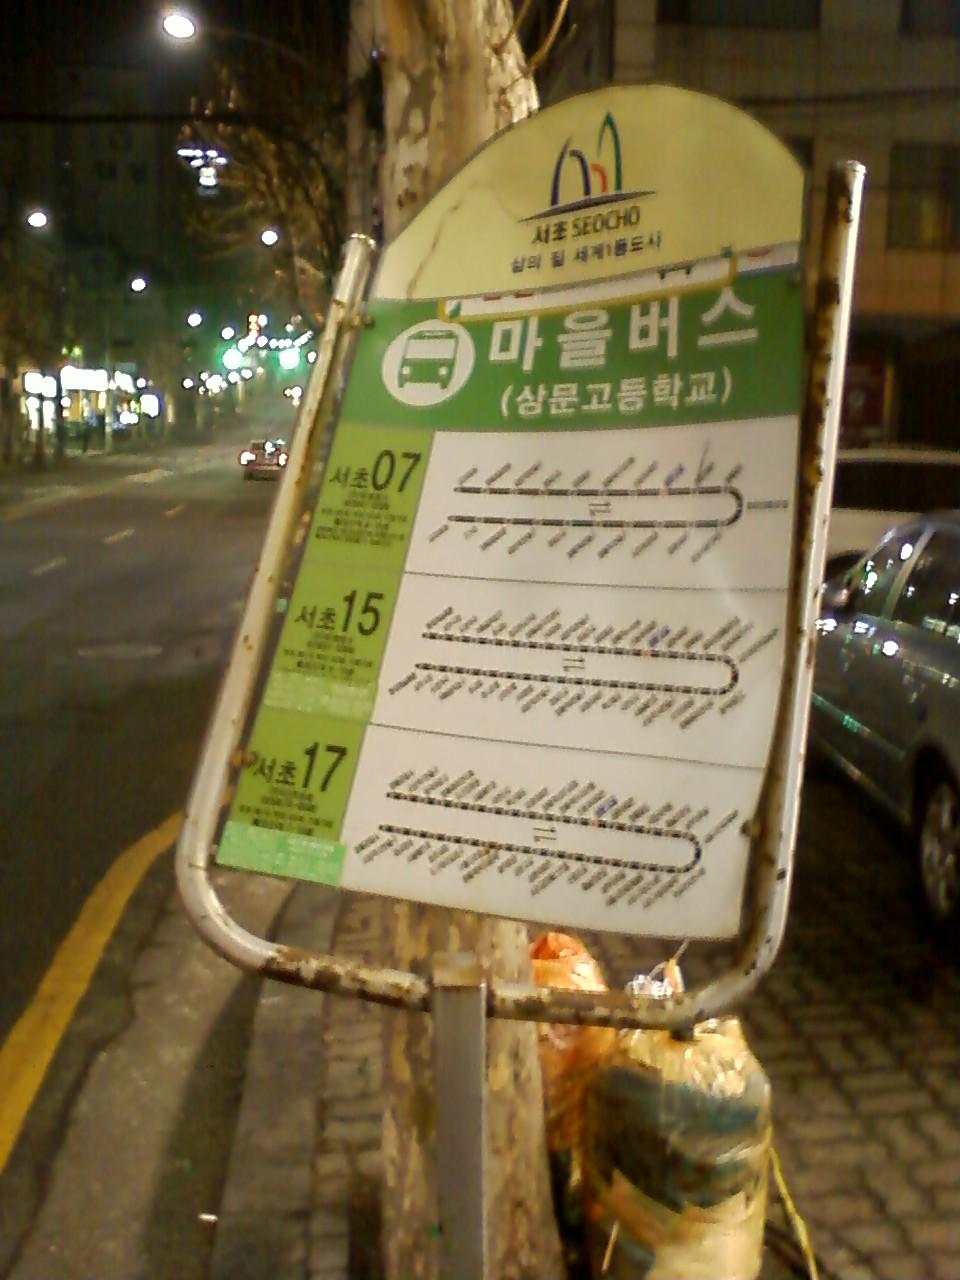 어느 버스정거장의 미스터리